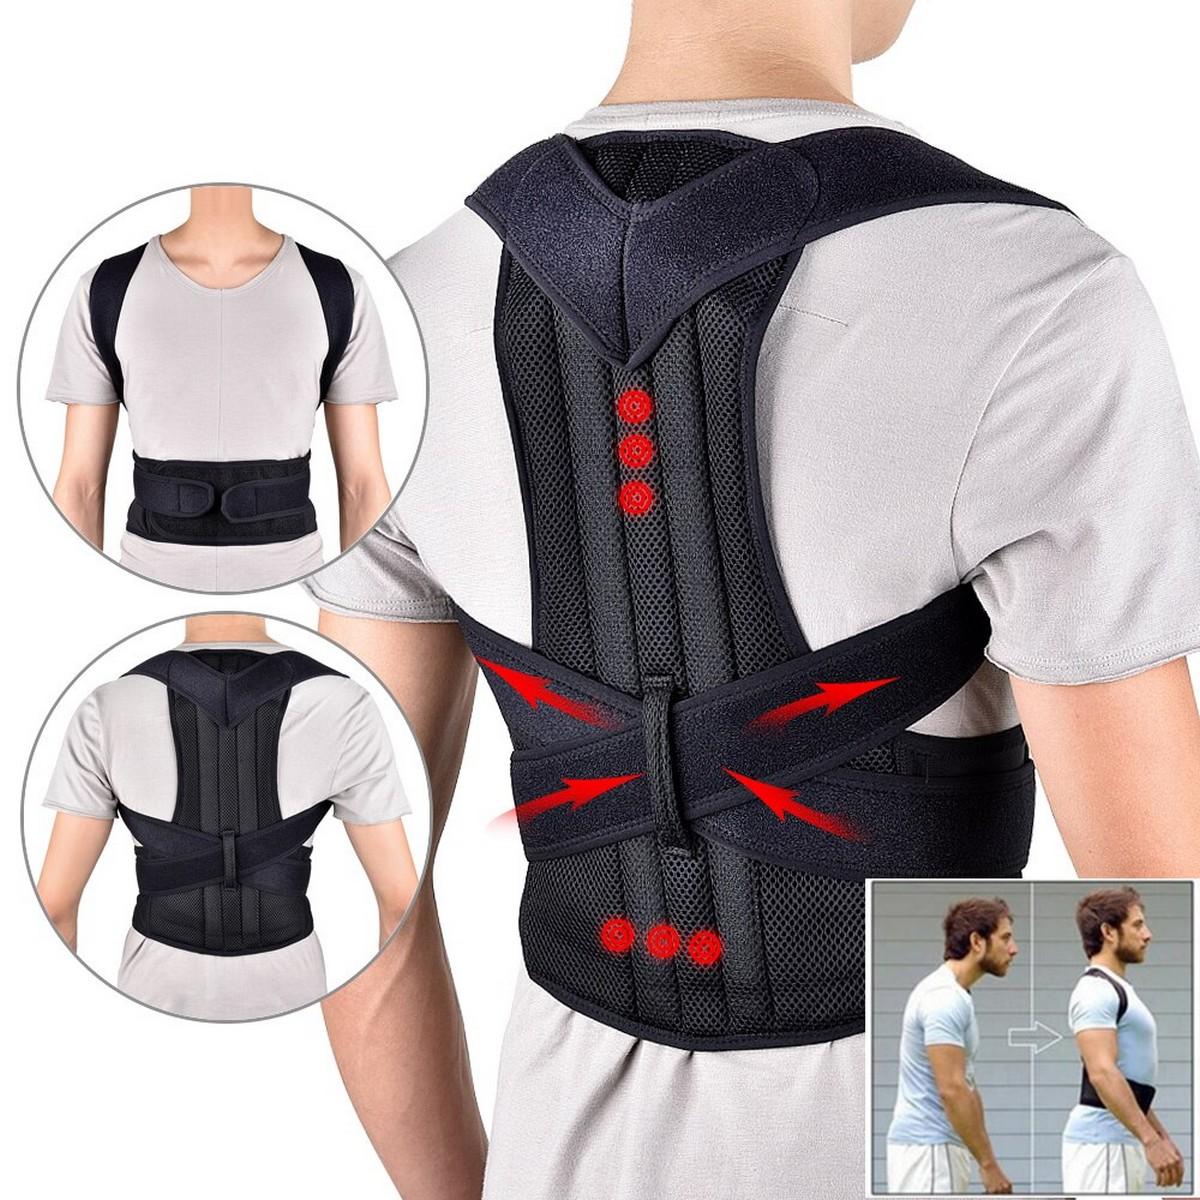 Magnetic Therapy Big Posture Corrector Brace Shoulder Back Support Belt For Male Female